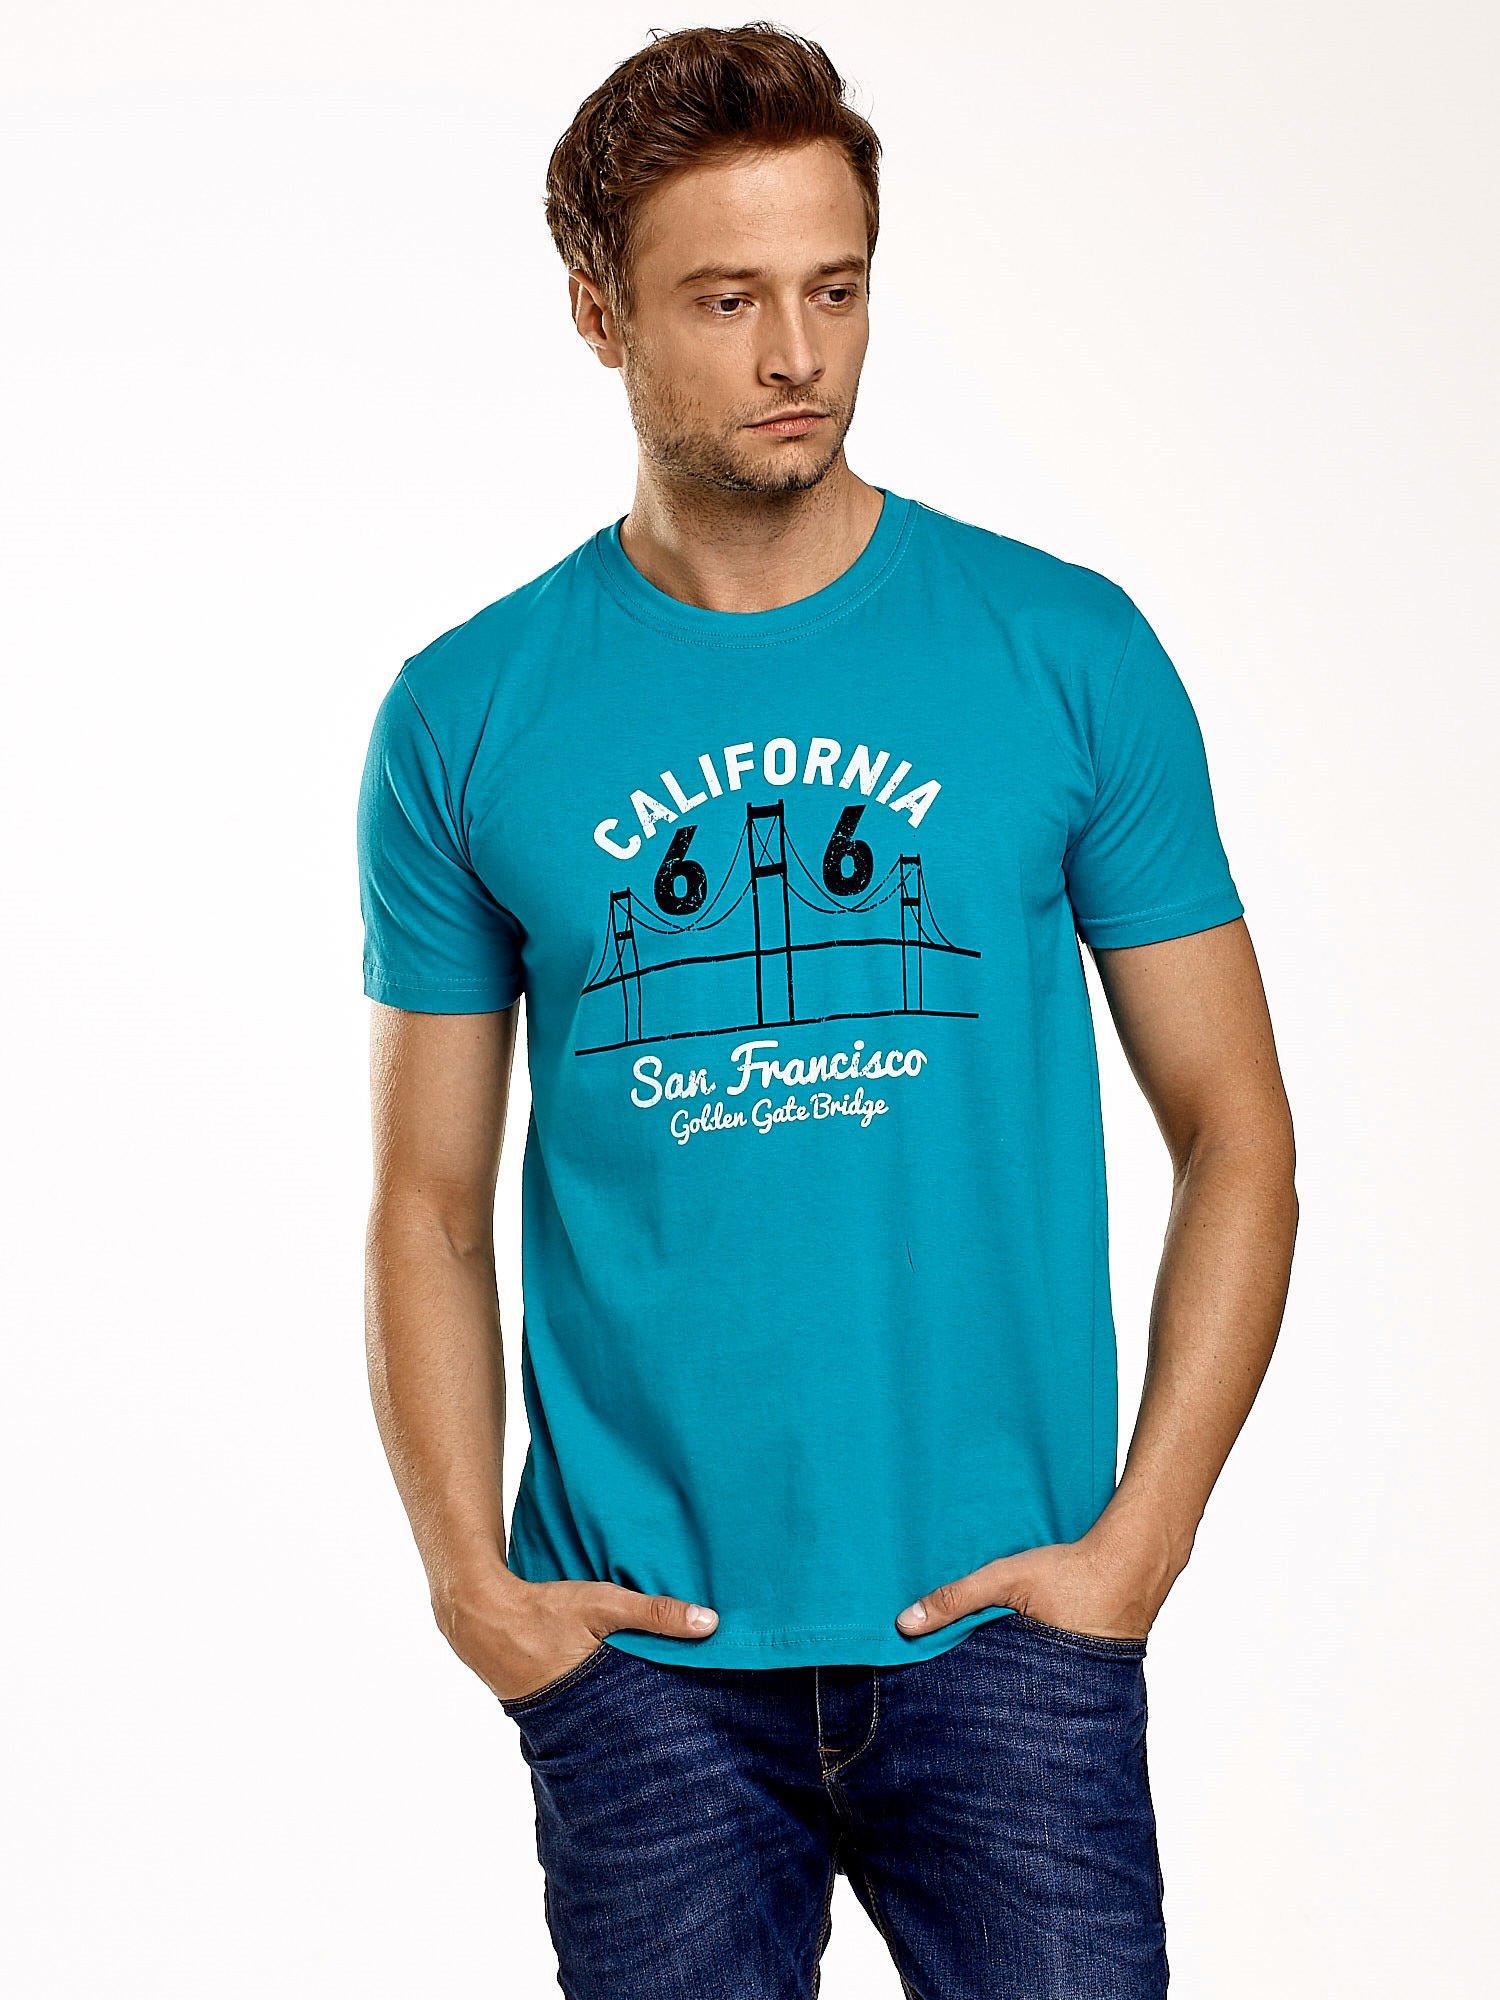 Zielony t-shirt męski z nadrukiem mostu i napisem CALIFORNIA 66                                  zdj.                                  1